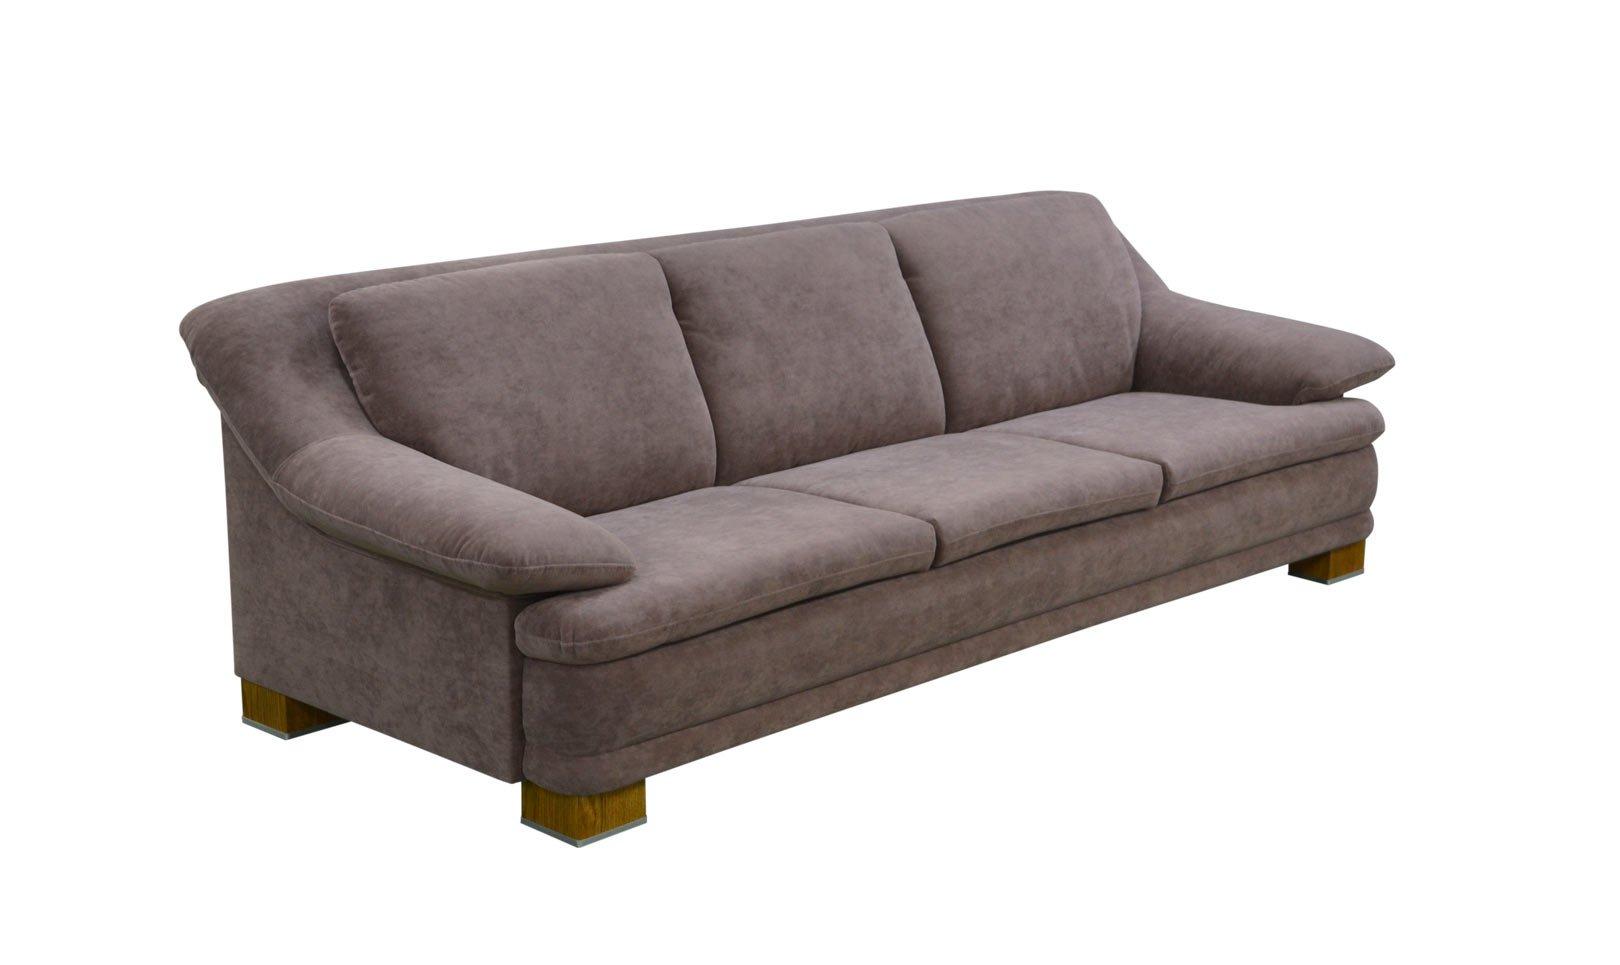 Klasyczna sofa Almiro 250 cm w materiale zmywalnym Velsoft Dim Rosse Vieri Divani